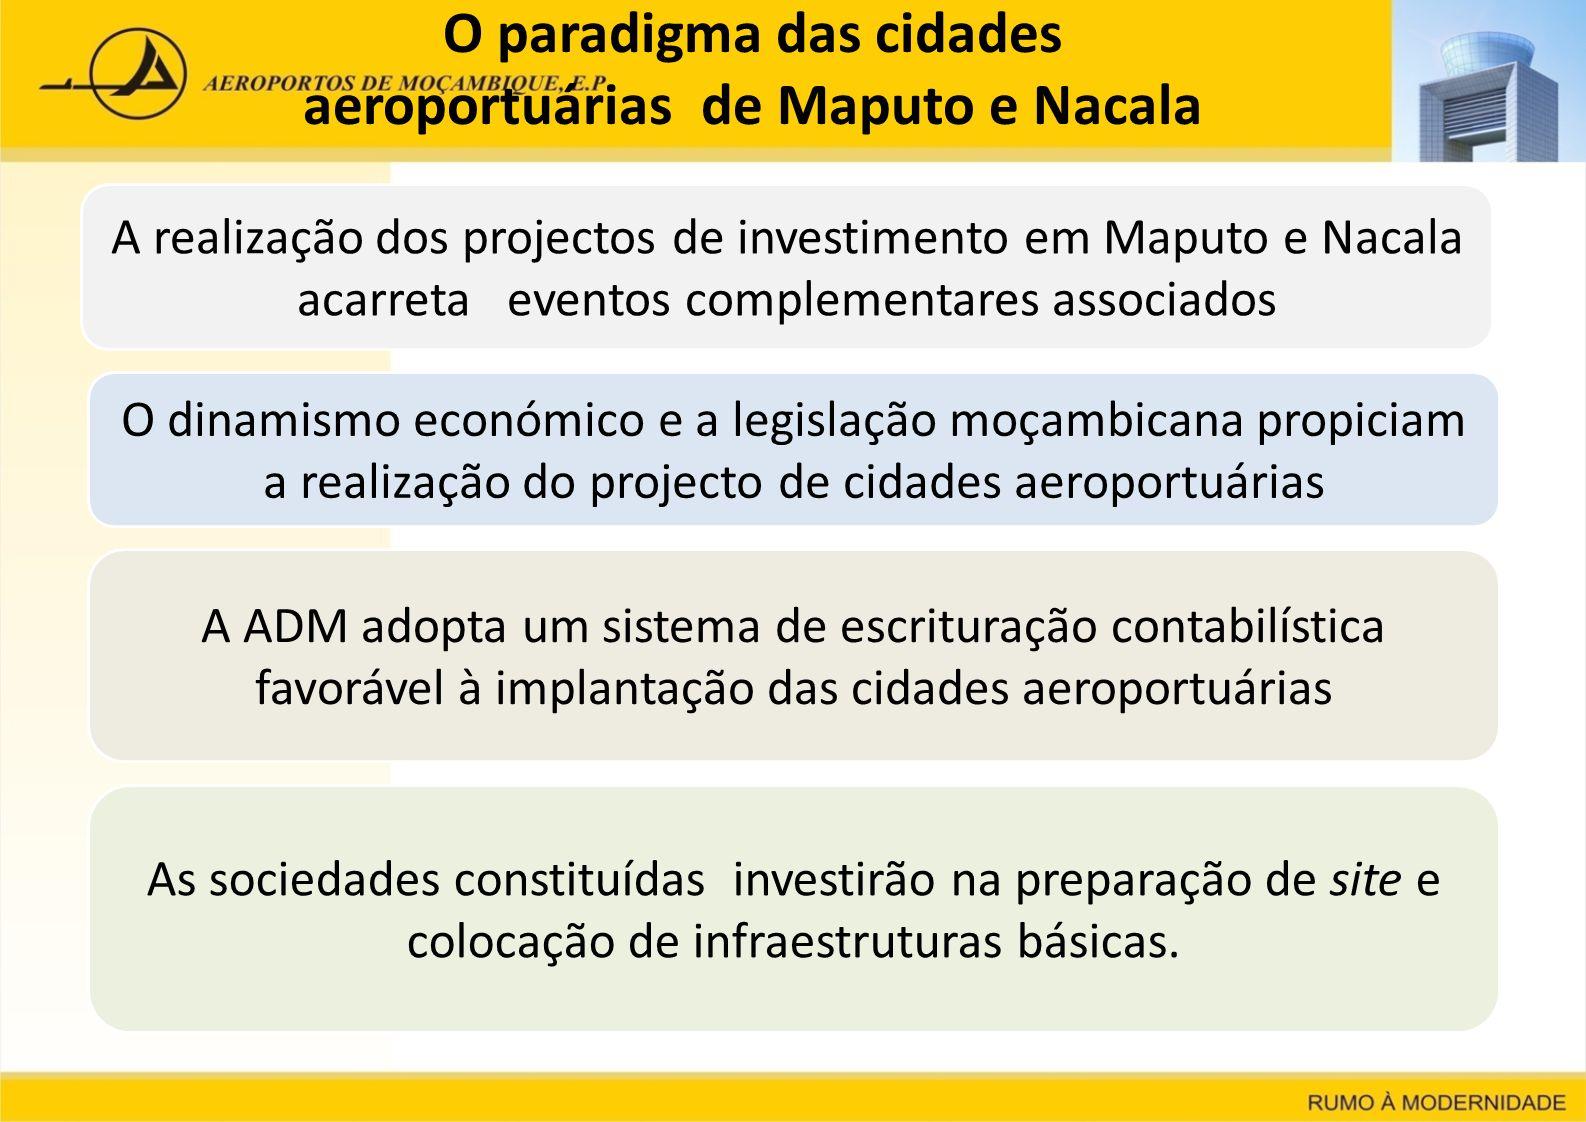 O paradigma das cidades aeroportuárias de Maputo e Nacala